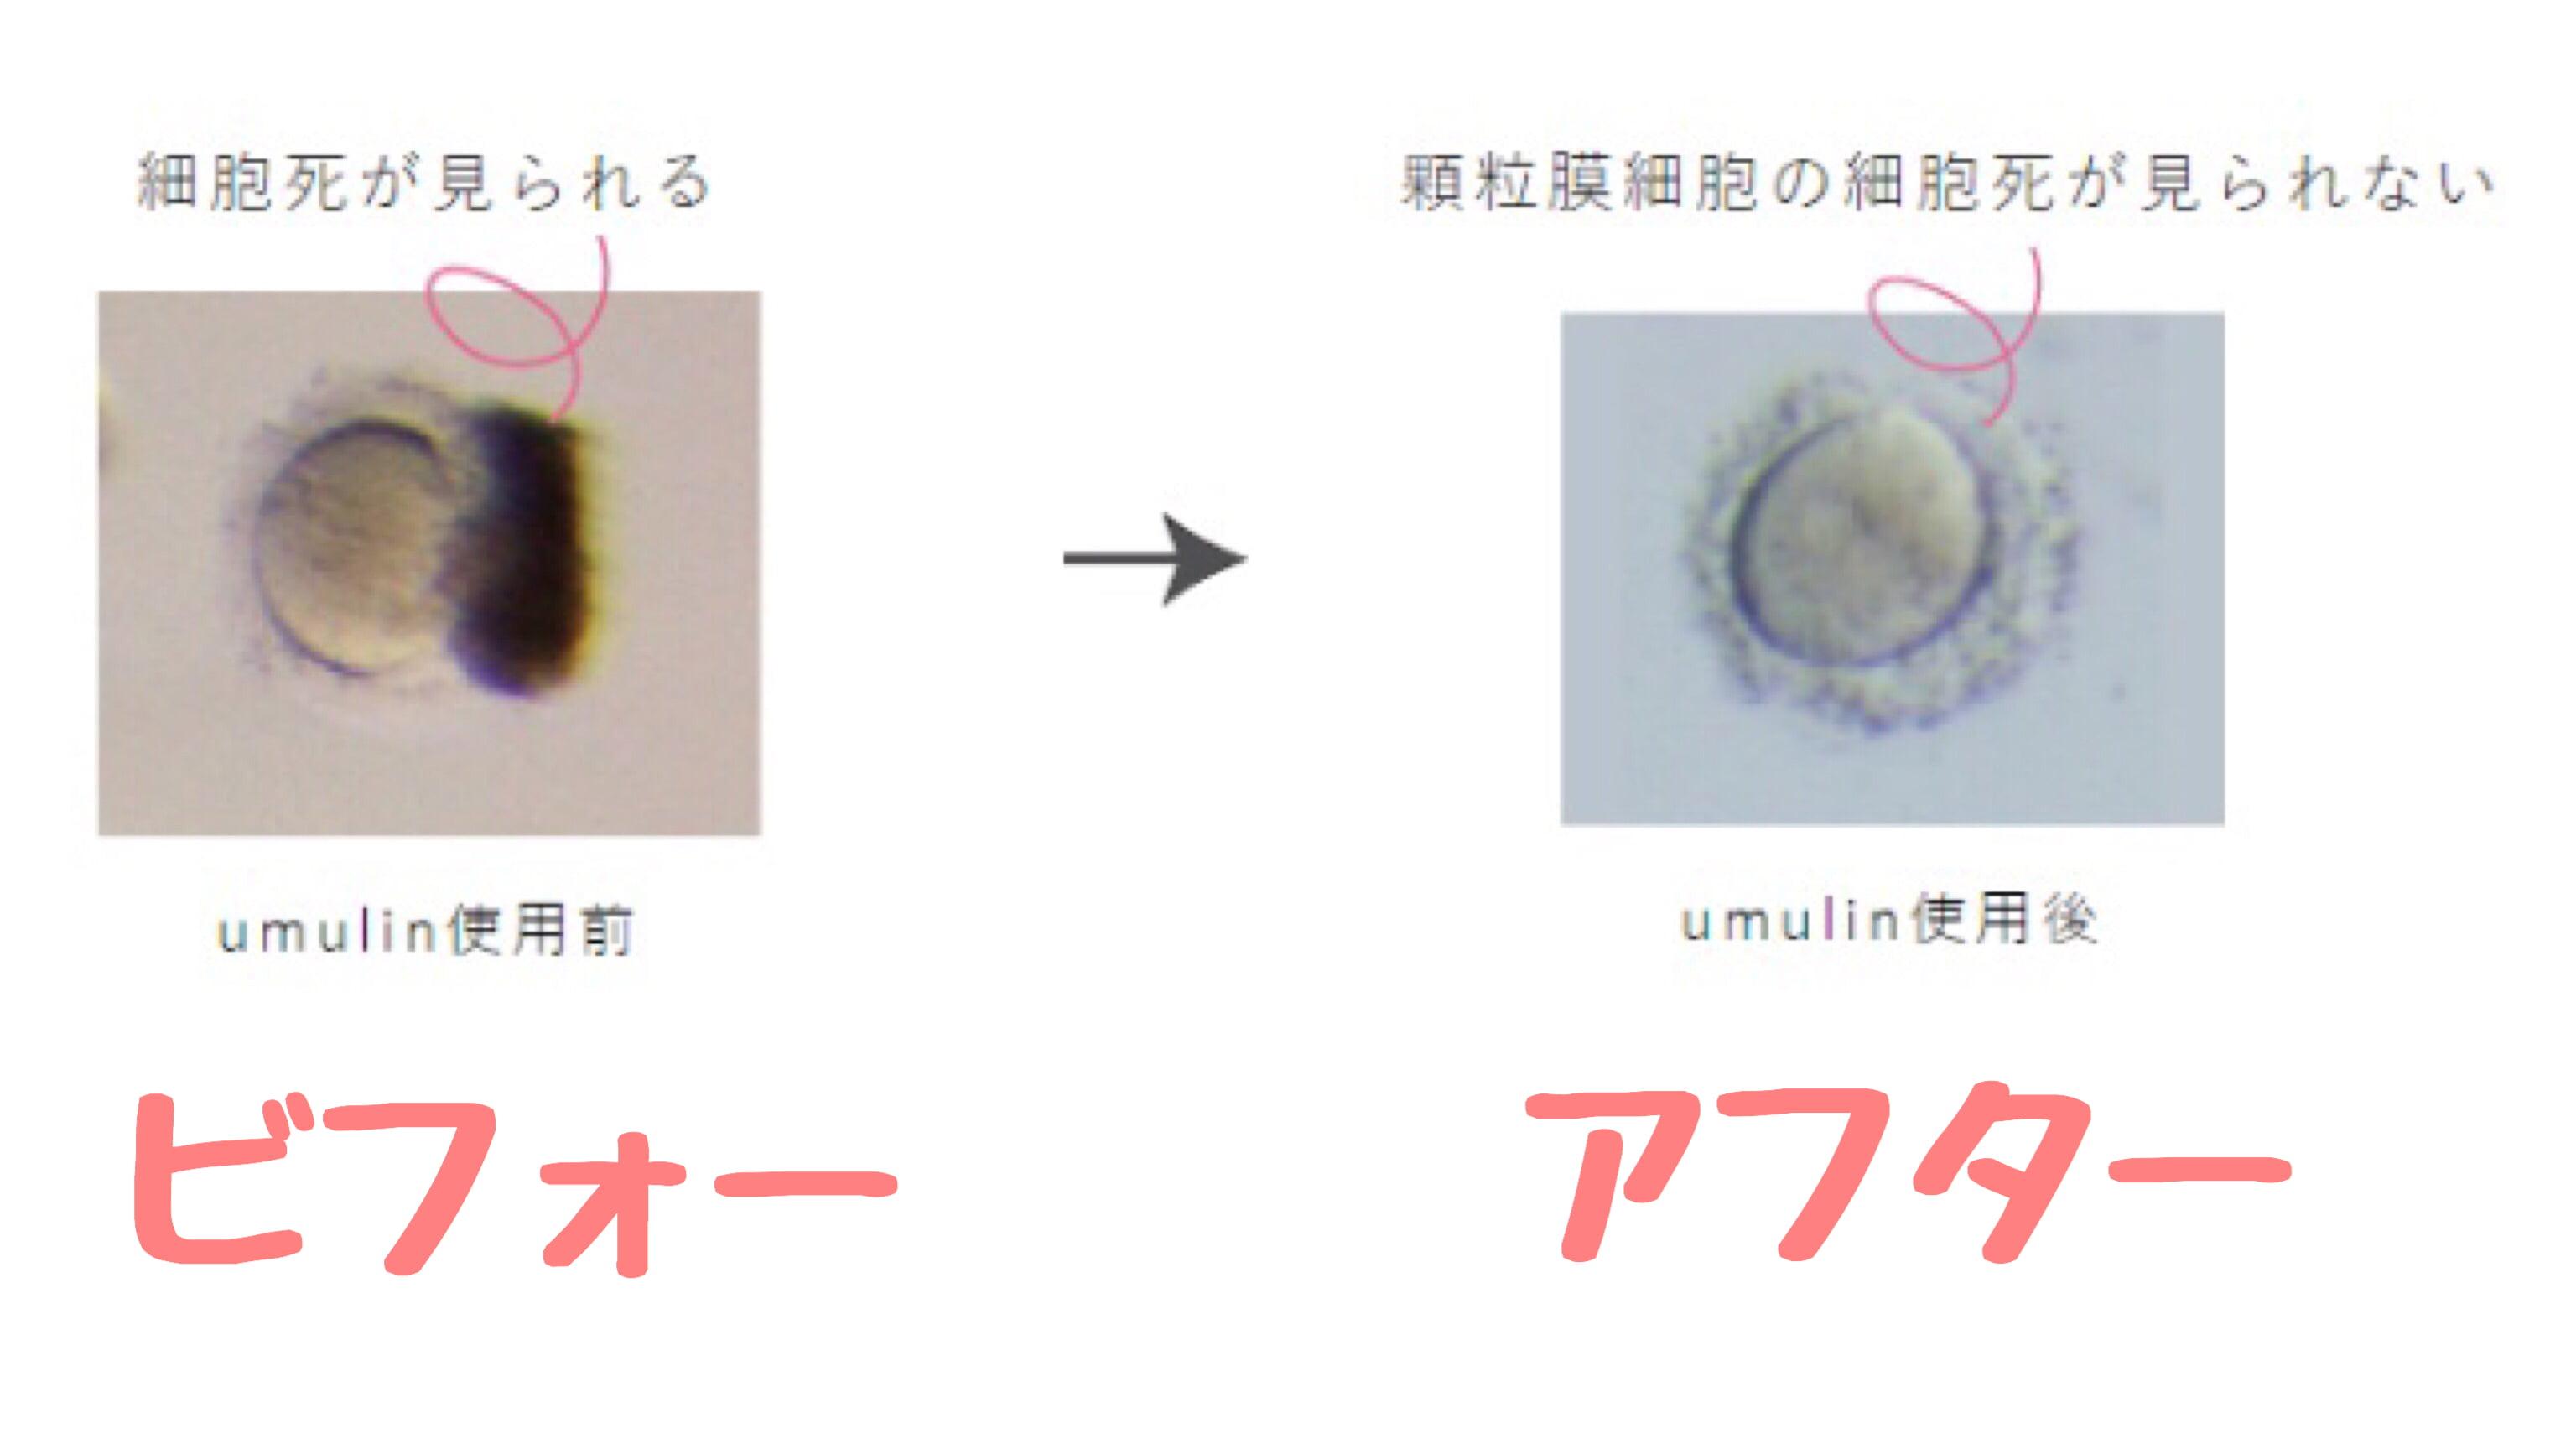 卵子の質を上げるサプリはウムリン一択!医師も認めた妊娠の効果